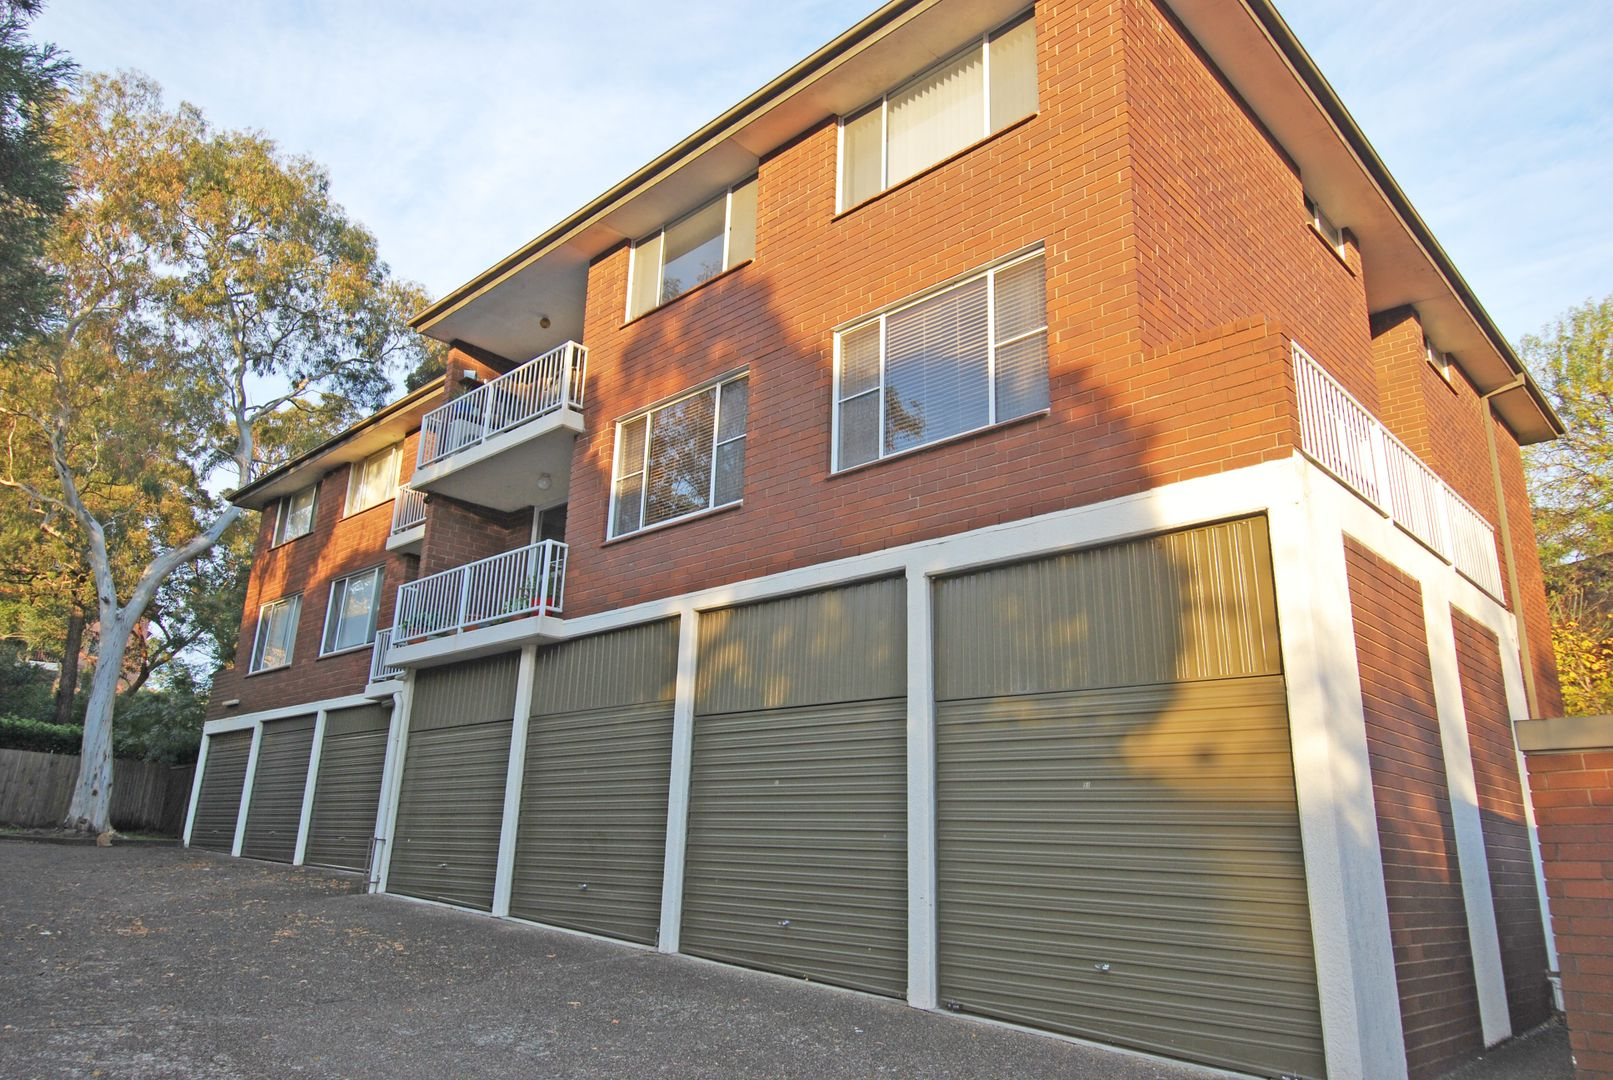 37/54 Glencoe Street, Sutherland NSW 2232, Image 0